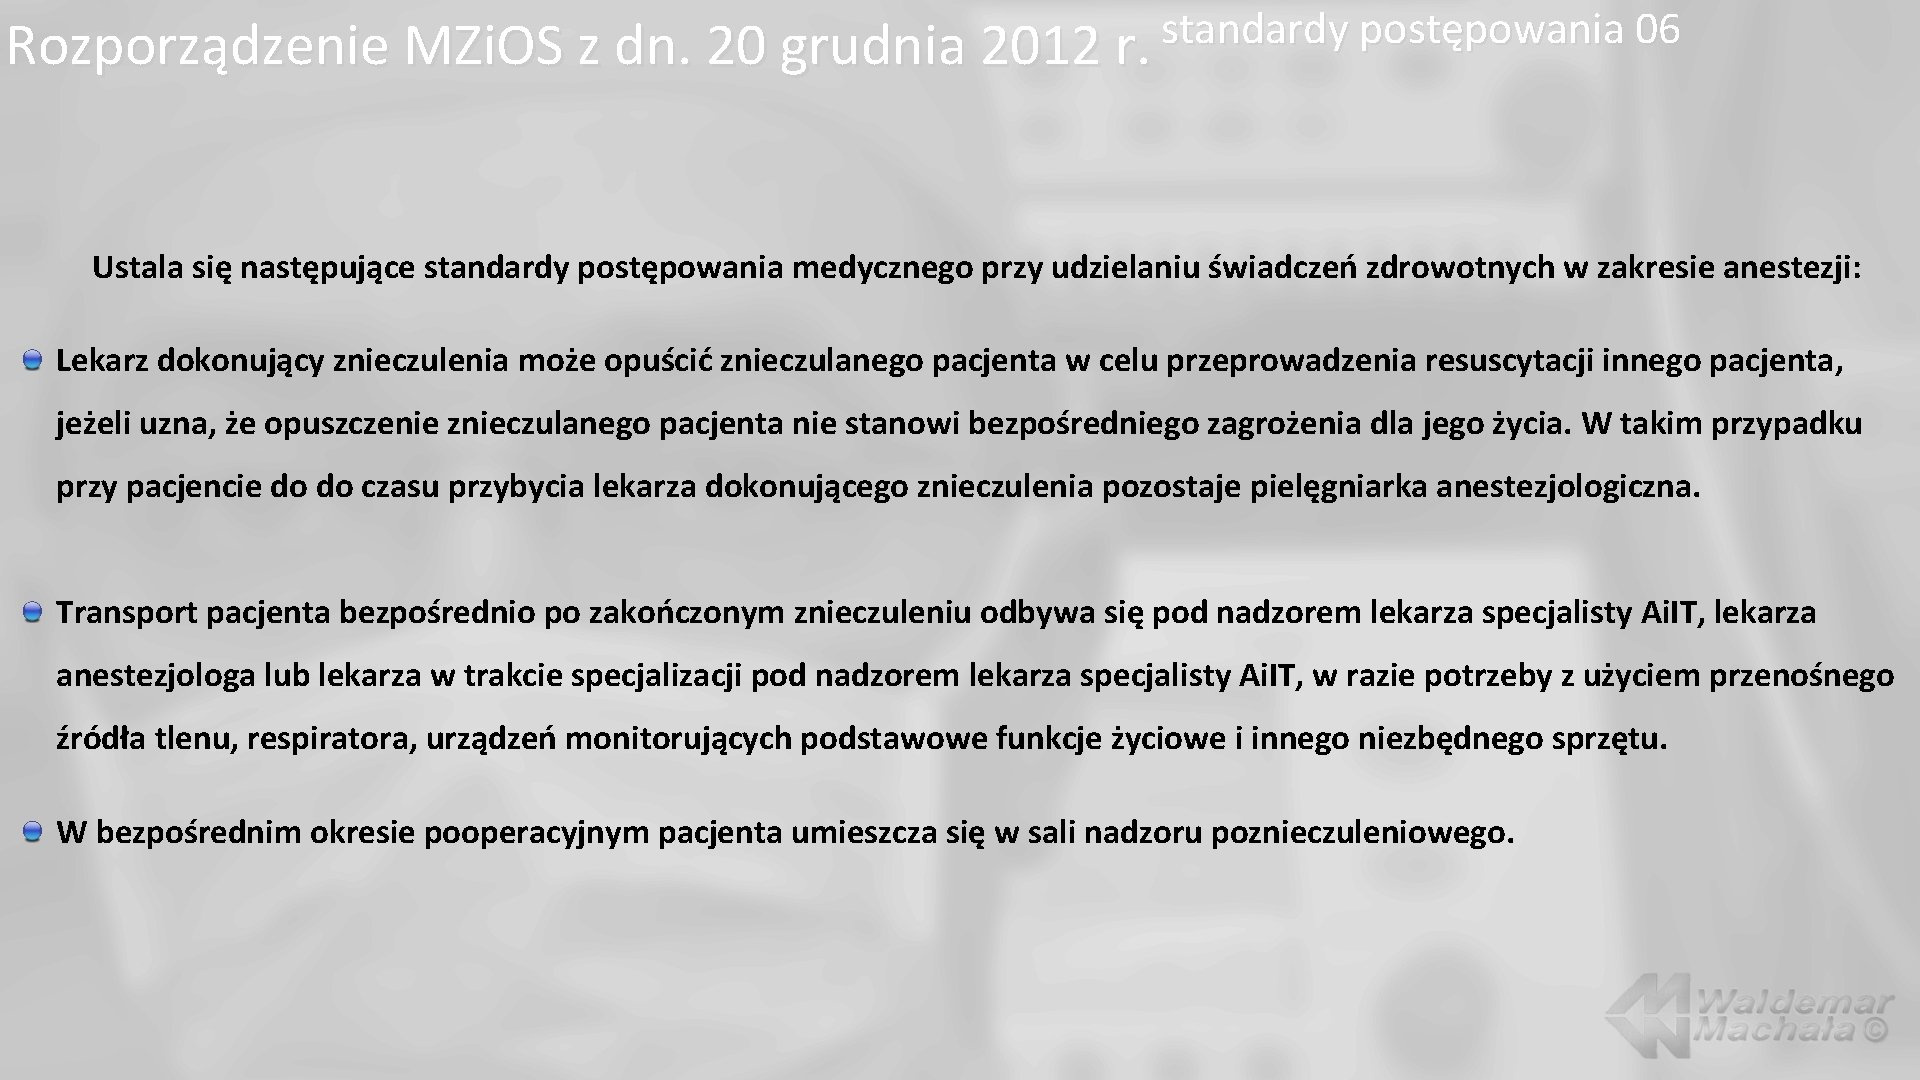 standardy postępowania 06 Rozporządzenie MZi. OS z dn. 20 grudnia 2012 r. Ustala się